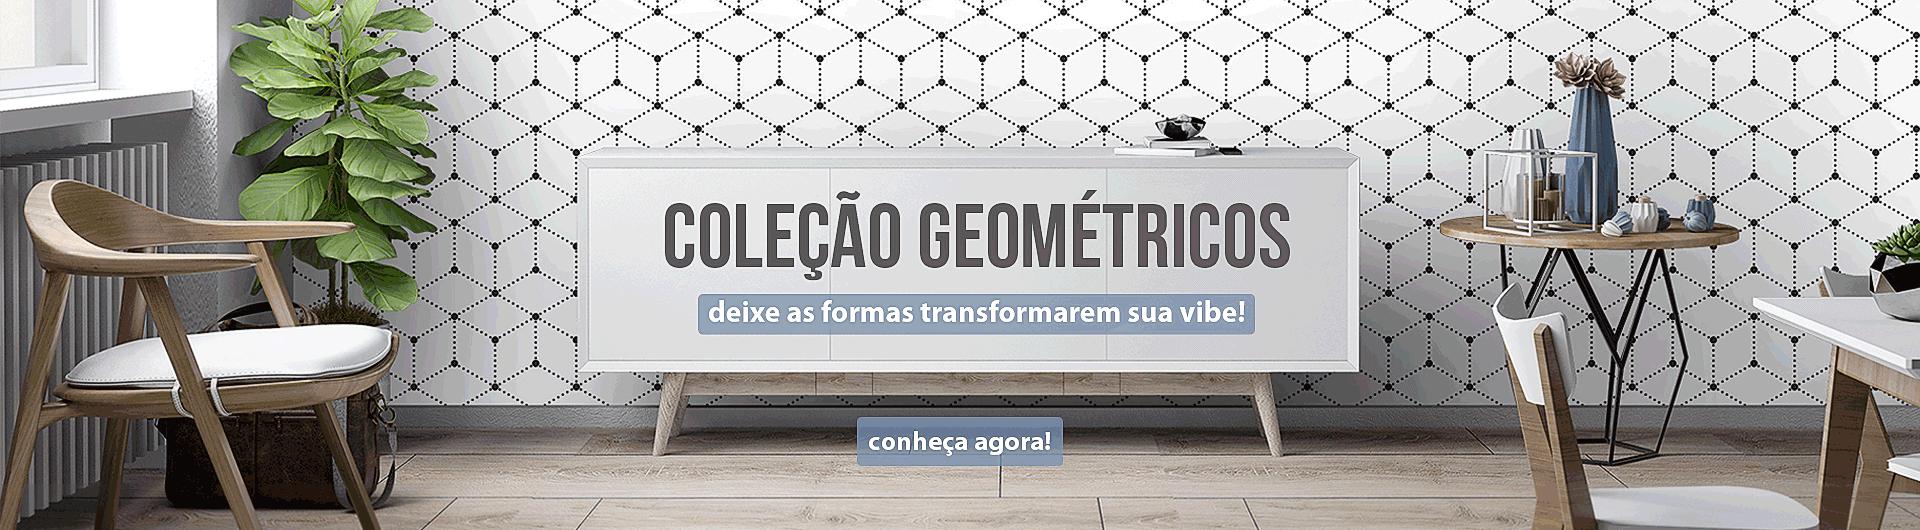 Coleção Geométricos